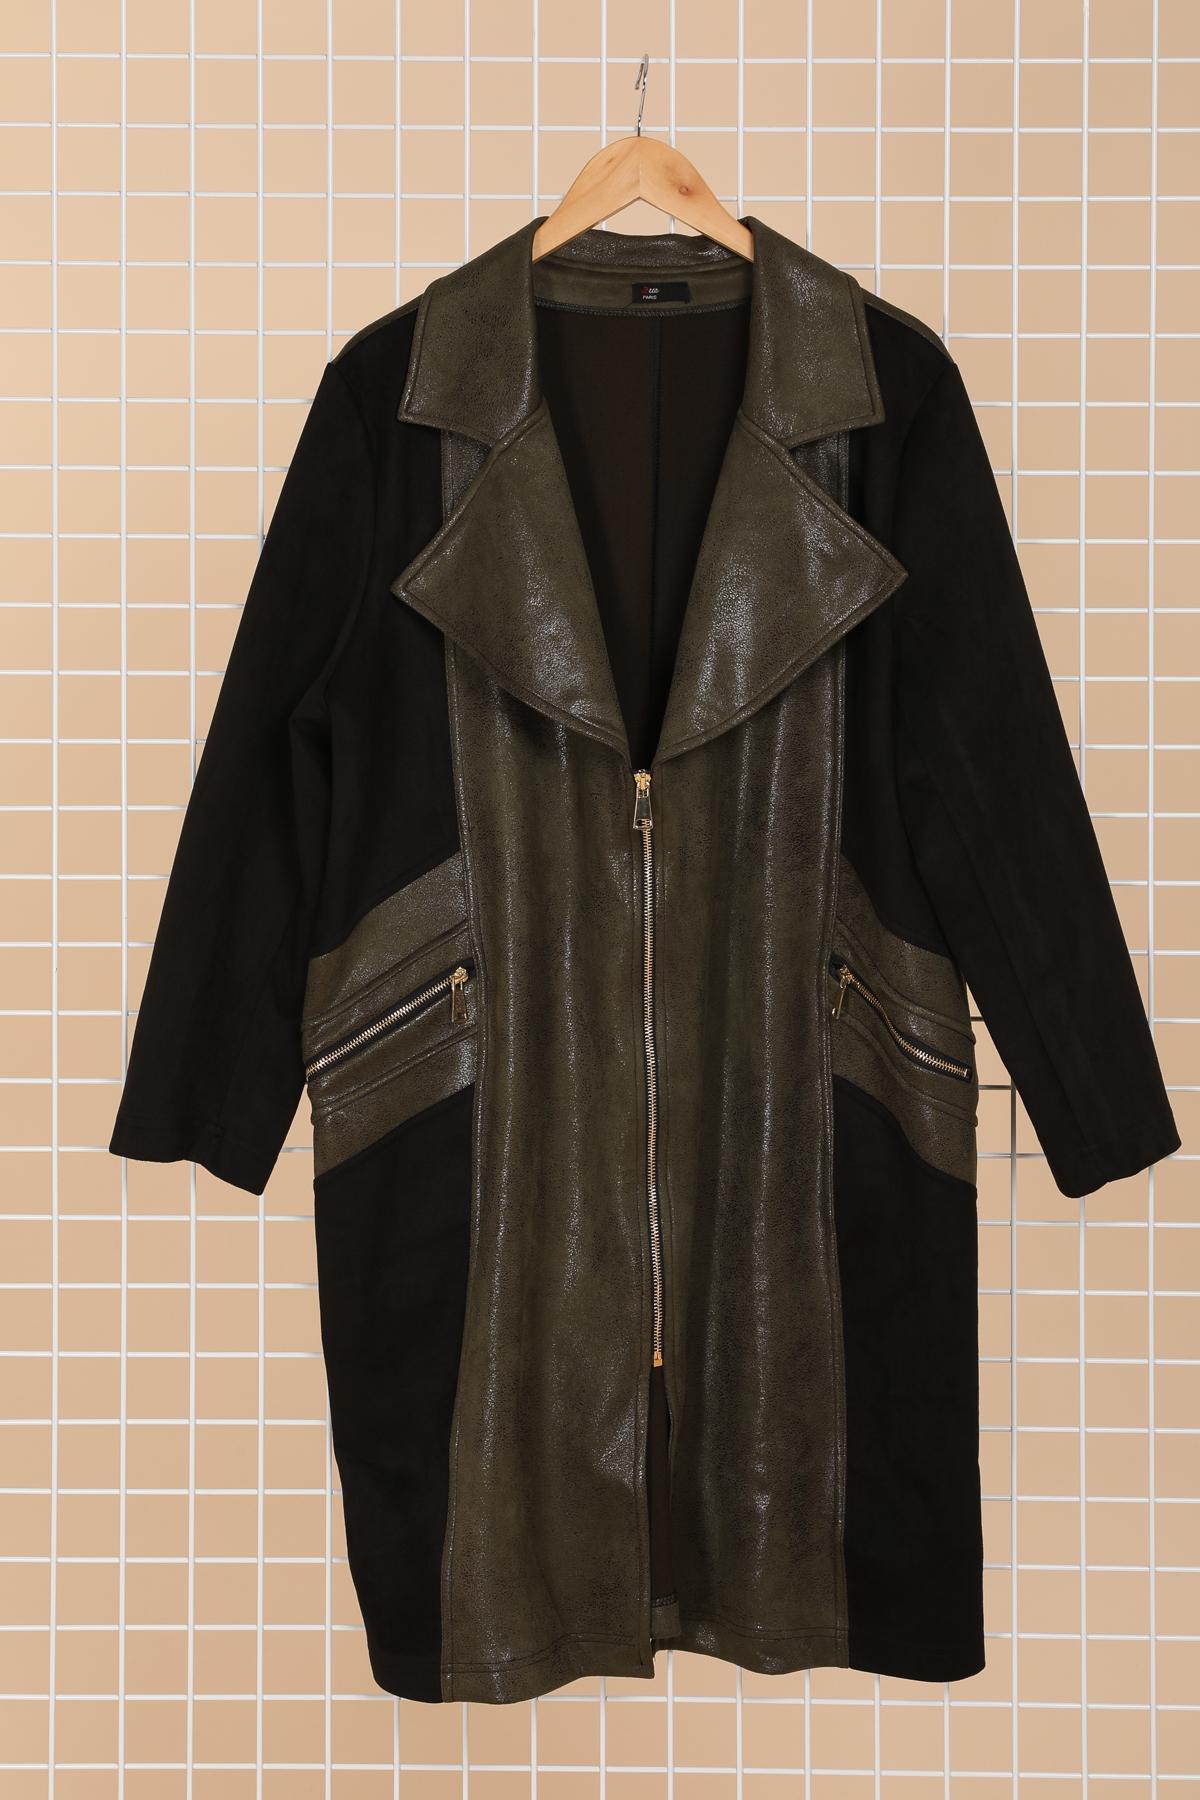 veste demi saison grande taille marque 2w paris noir kaki m1365